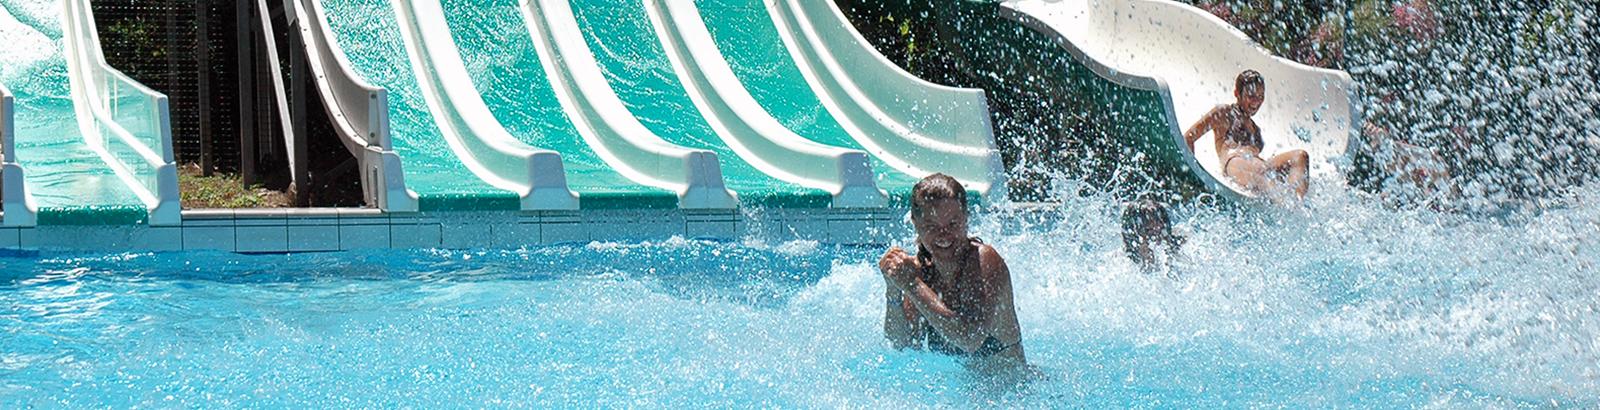 Genießen Sie unseren Aquapark in vollen Zügen